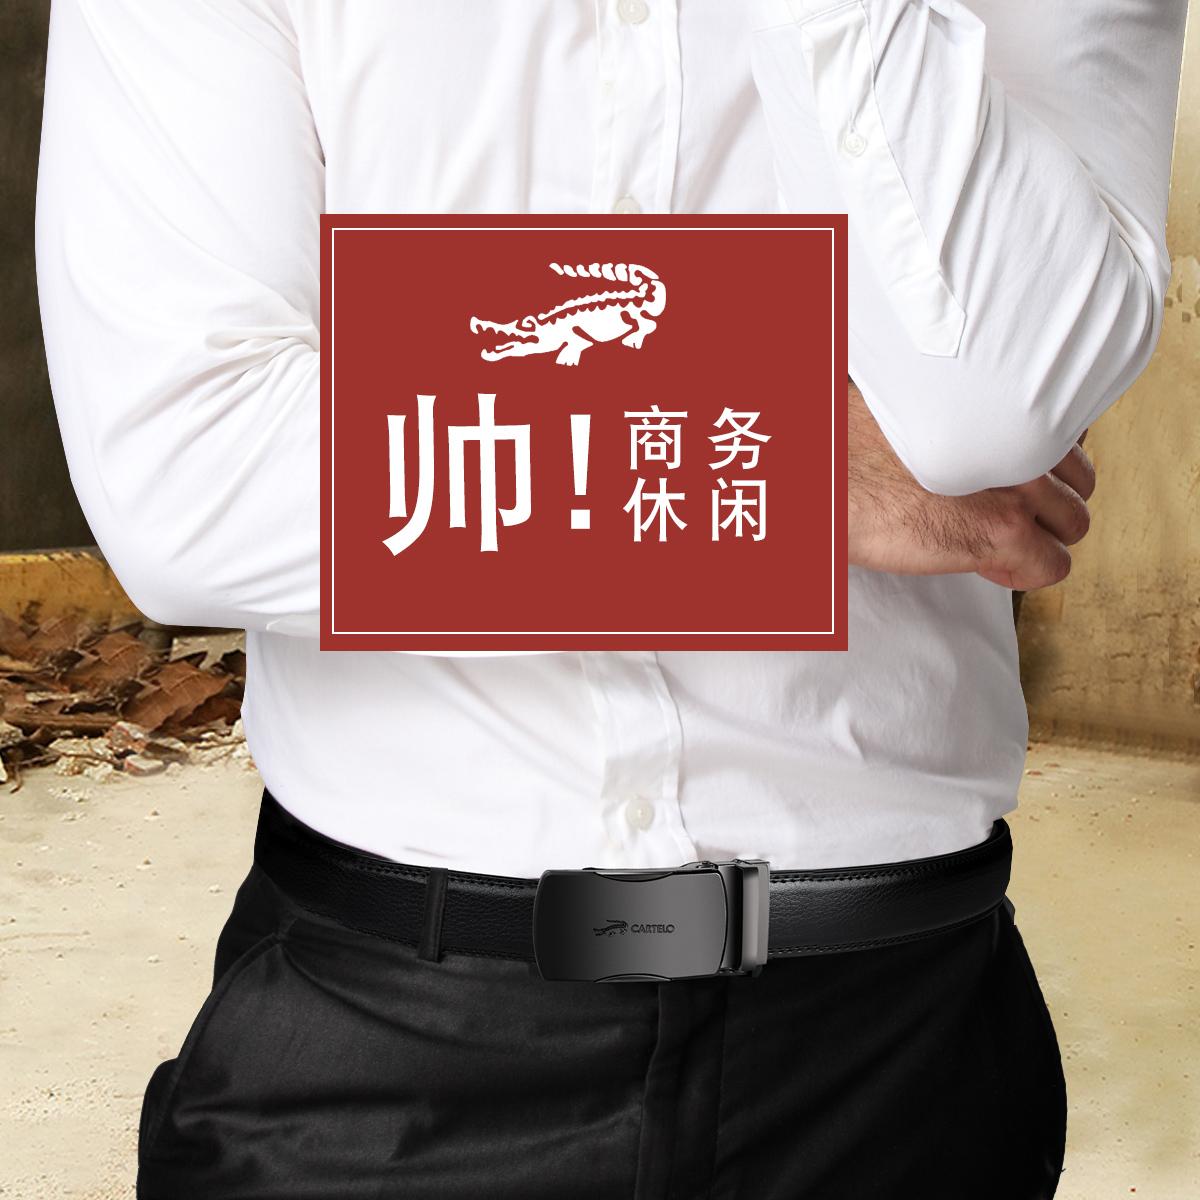 卡帝乐鳄鱼皮带男士真皮自动扣中青年商务休闲牛皮裤腰带简约正品